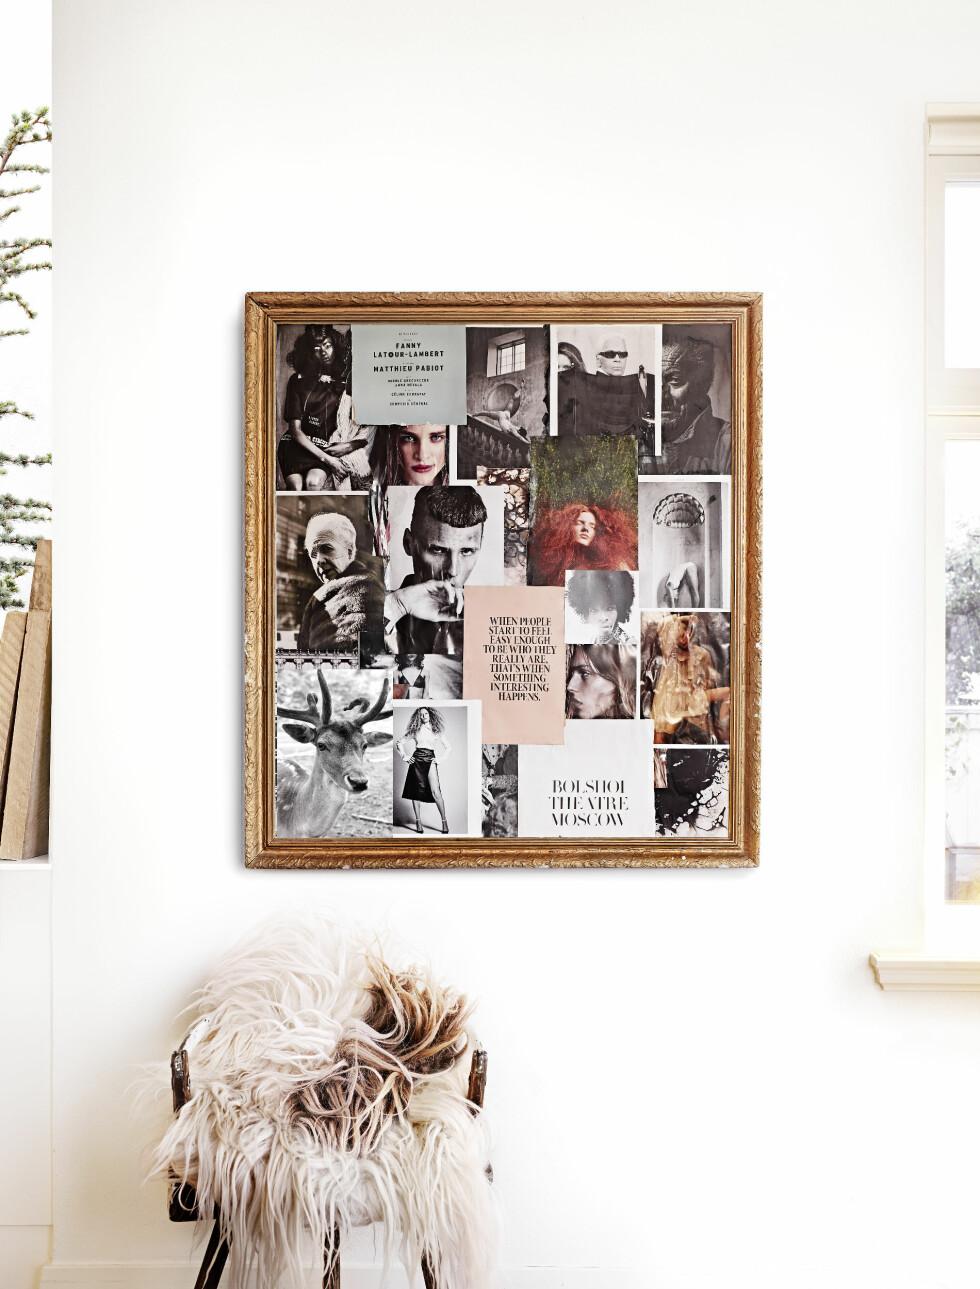 HJEMMELAGET COLLAGE: Kort og vakre bilder har Malin samlet i en gammel ramme. Unik og kul veggpryd! Stolen er gammel fra auksjon.  Foto: Sara Svenningrud